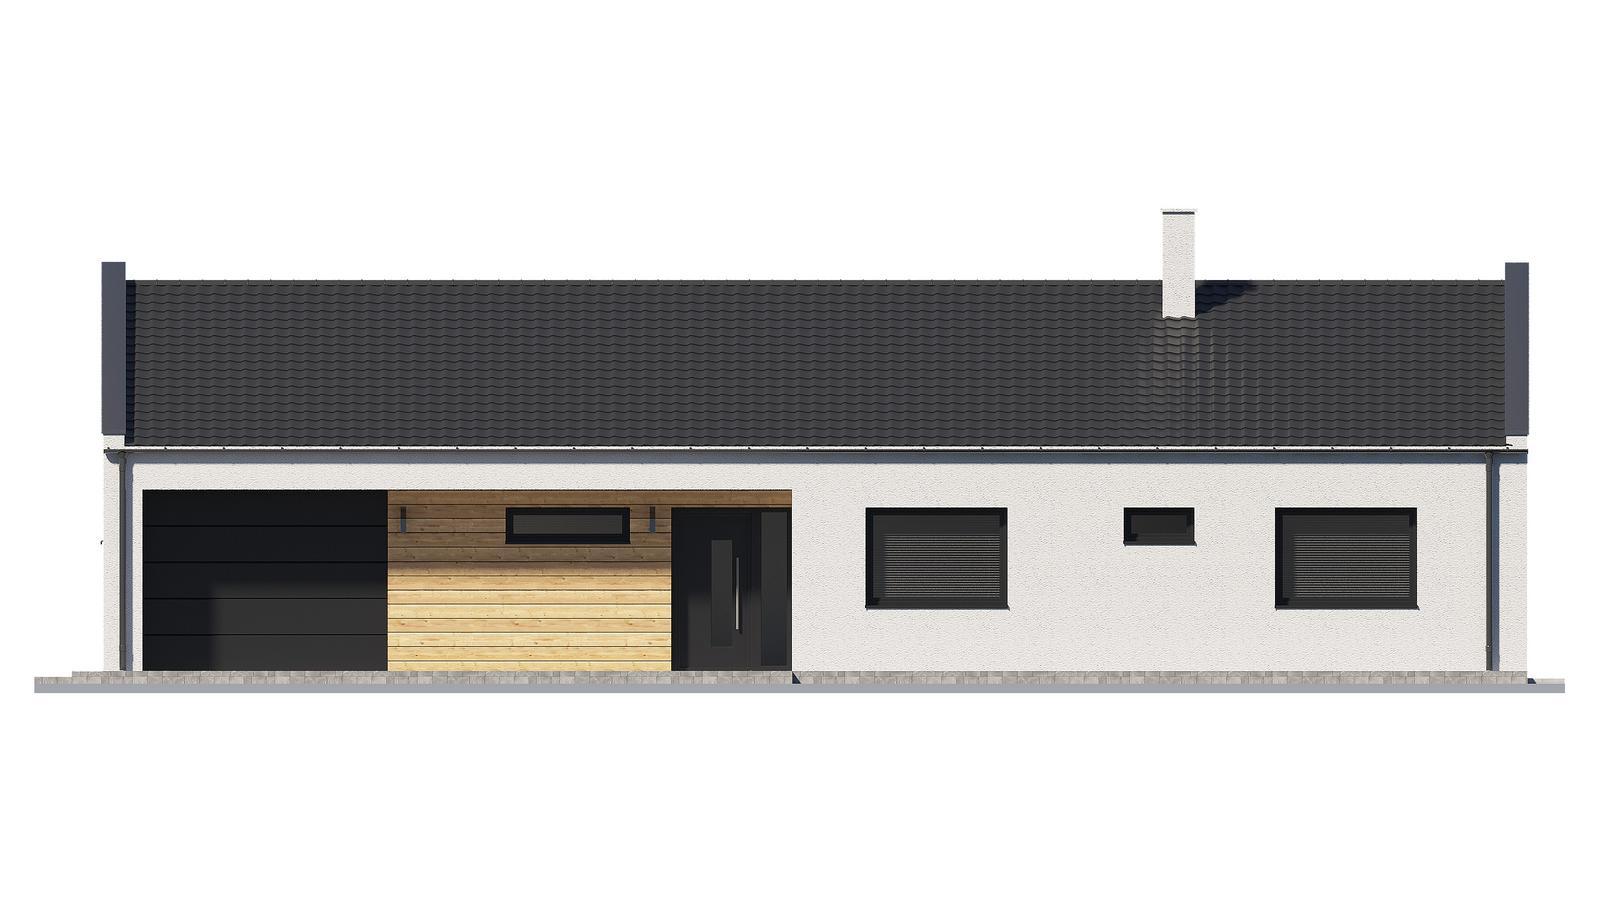 Ďalšie ukážky návrhov domčekov pre Vás - www.rodinny-dom.eu - Obrázok č. 19